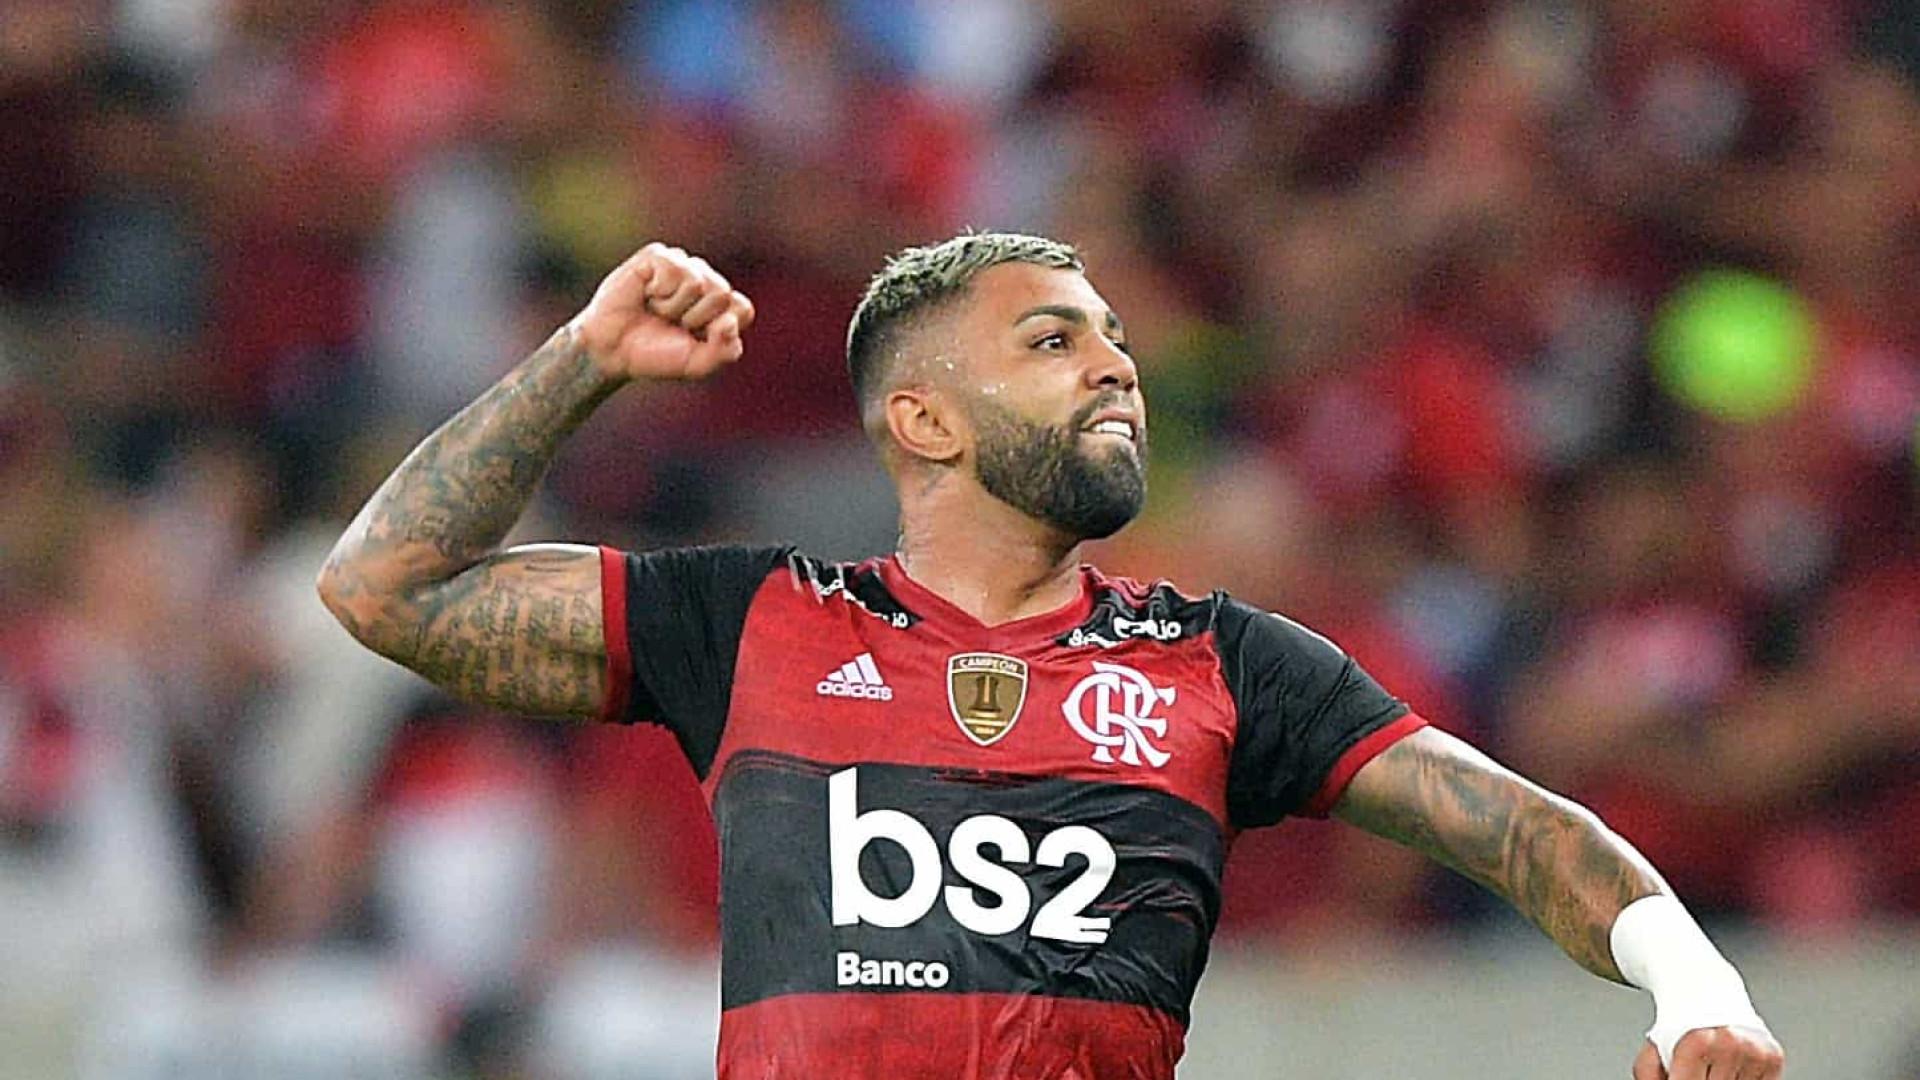 Gabriel comemora feito como artilheiro do século do Flamengo: 'Marca expressiva'